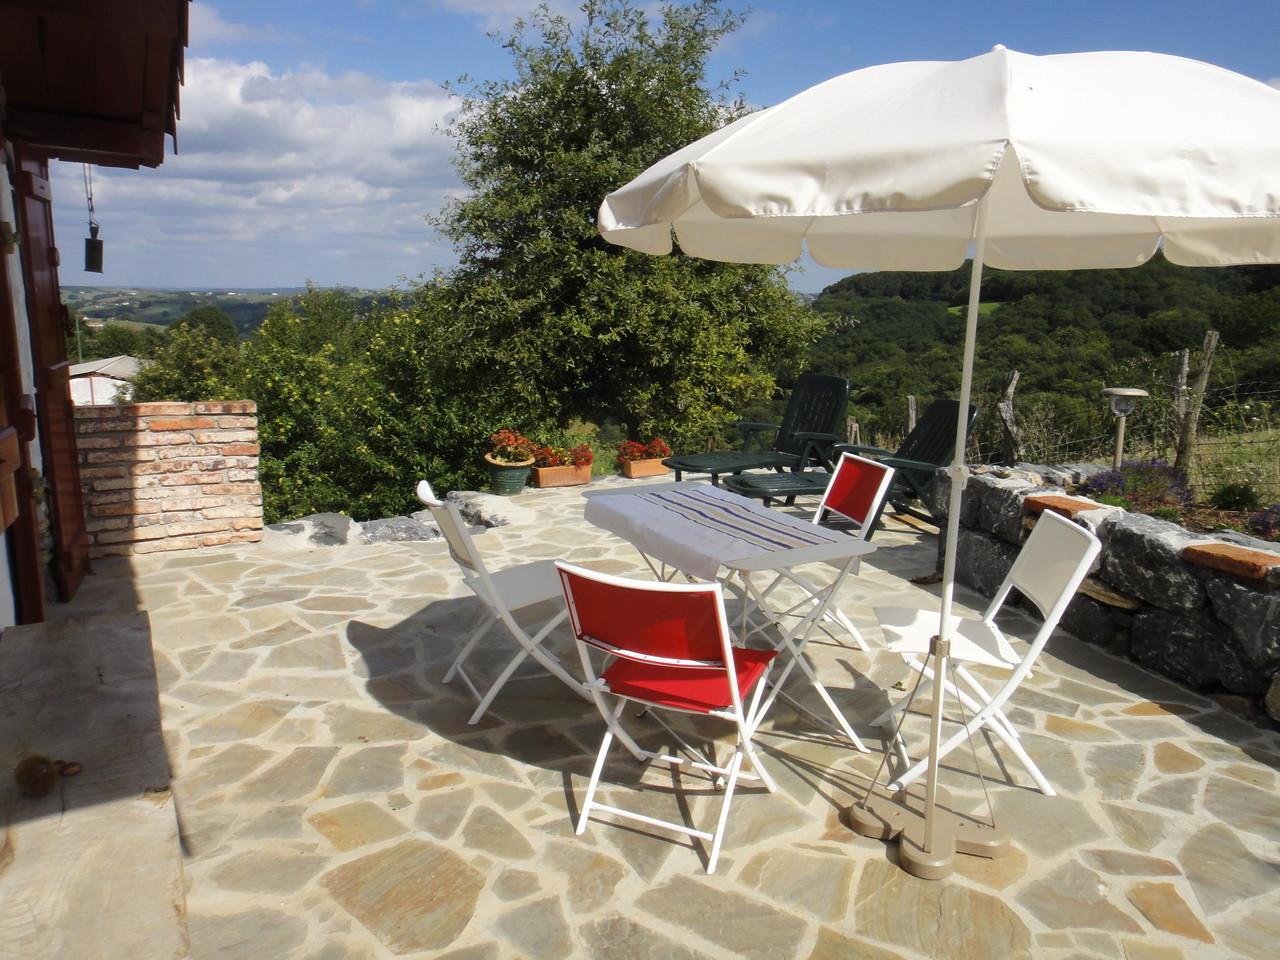 La table de jardin principale 4 places avec ses parasols